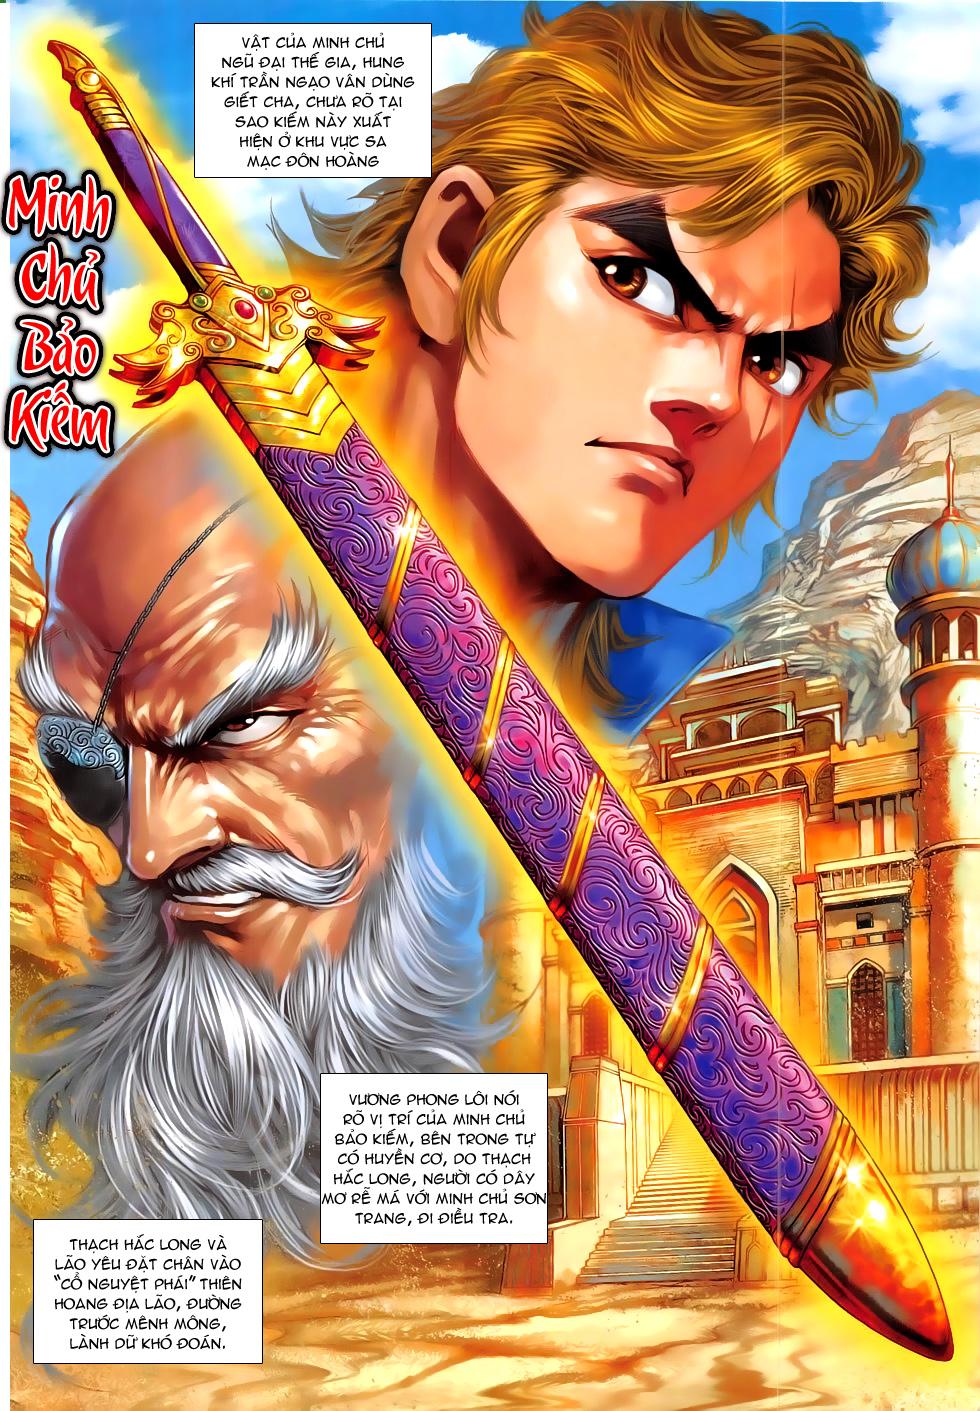 Tân Tác Long Hổ Môn chap 793 Trang 2 - Mangak.info